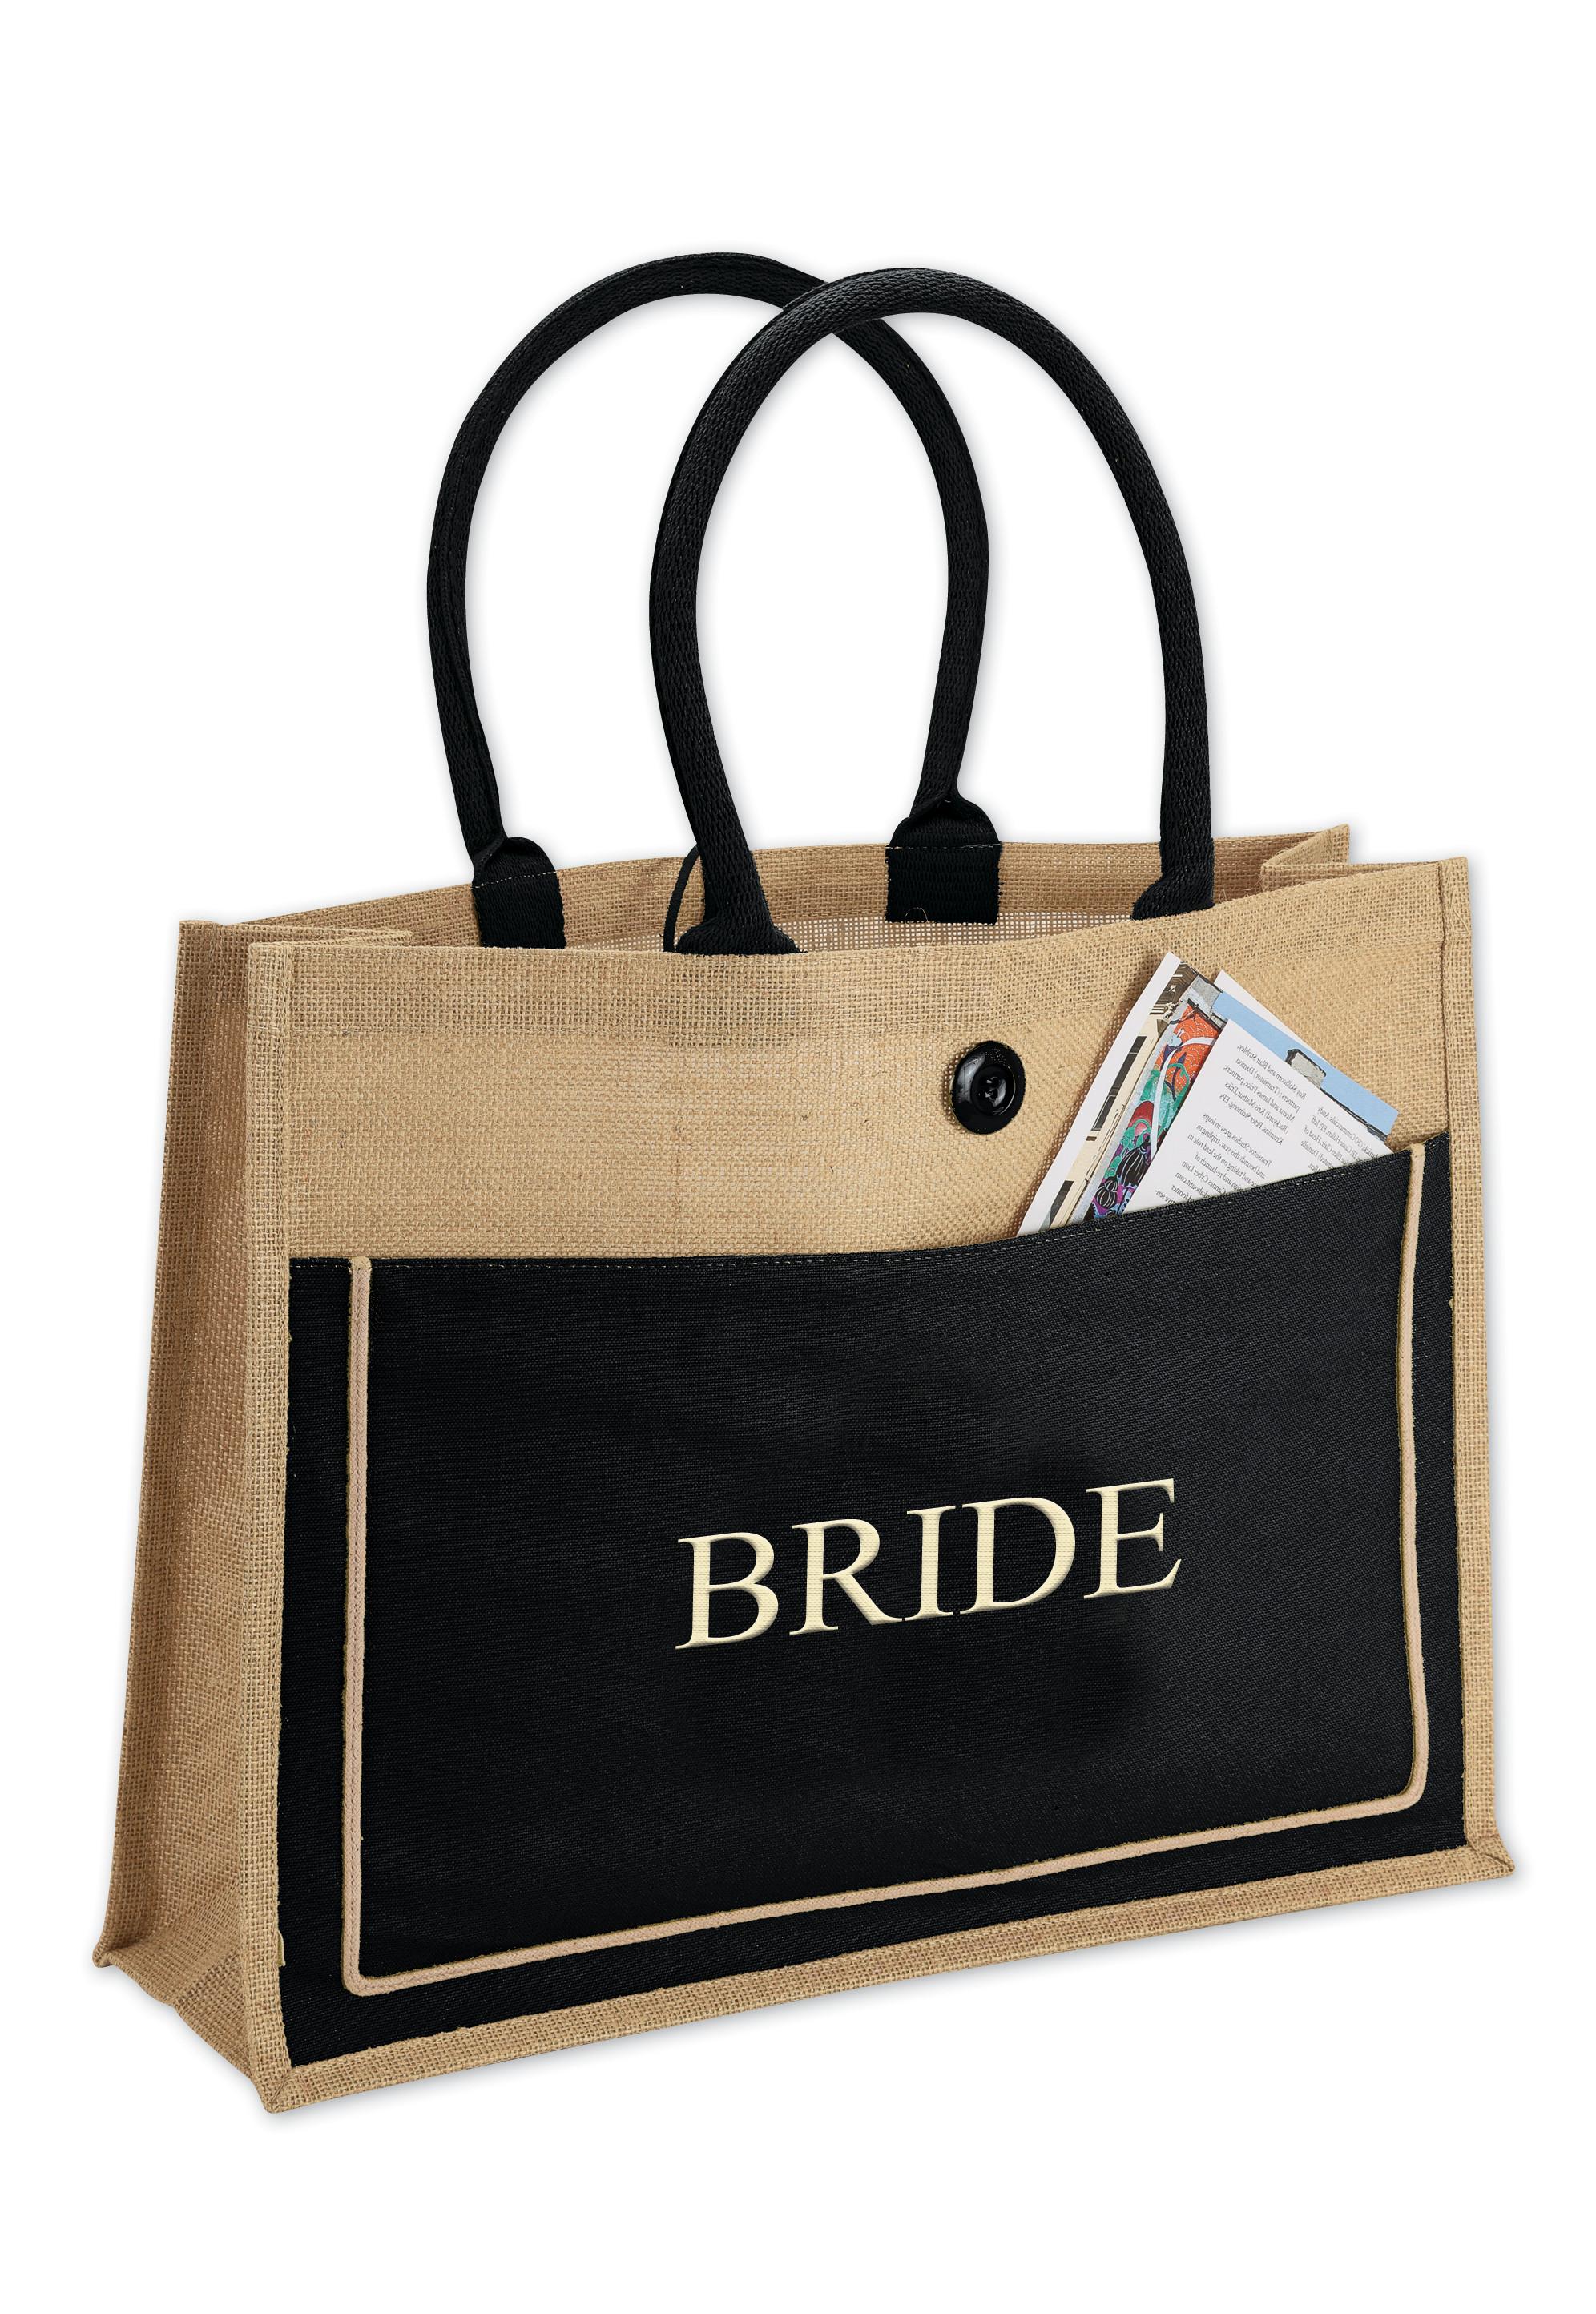 4996efe61 Natural 2-Tone Brown/Black Cotton Canvas Jute Bags: HansonEllis.com